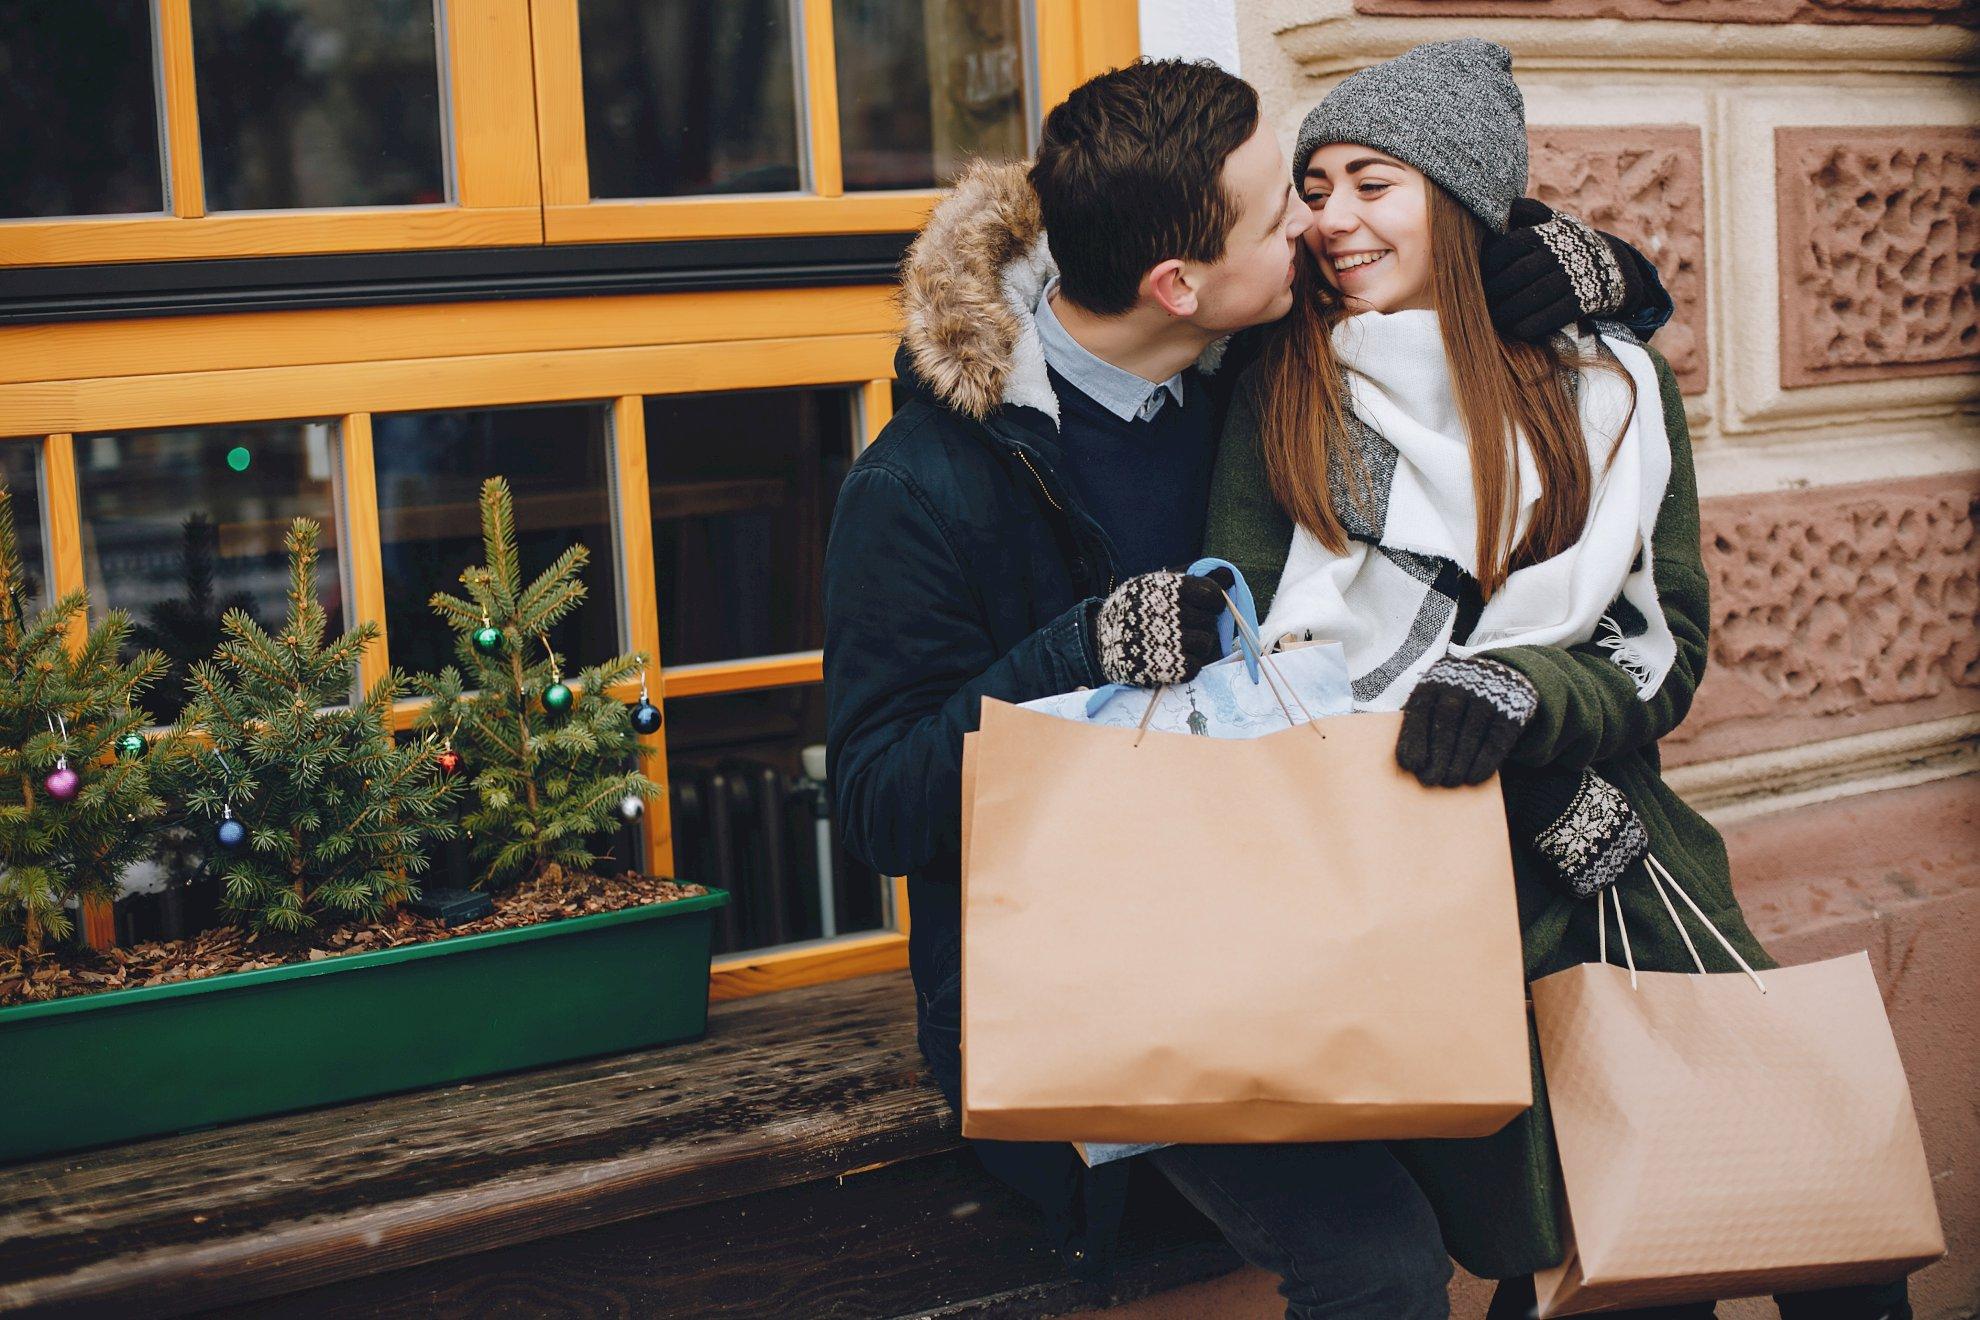 Liebeshoroskop für Freitag 2021-04-16 - Tun Sie sich heute mit Ihrem Partner zusammen, und lassen Sie sich von ihm durch einen romantischen Tagtraum führen...